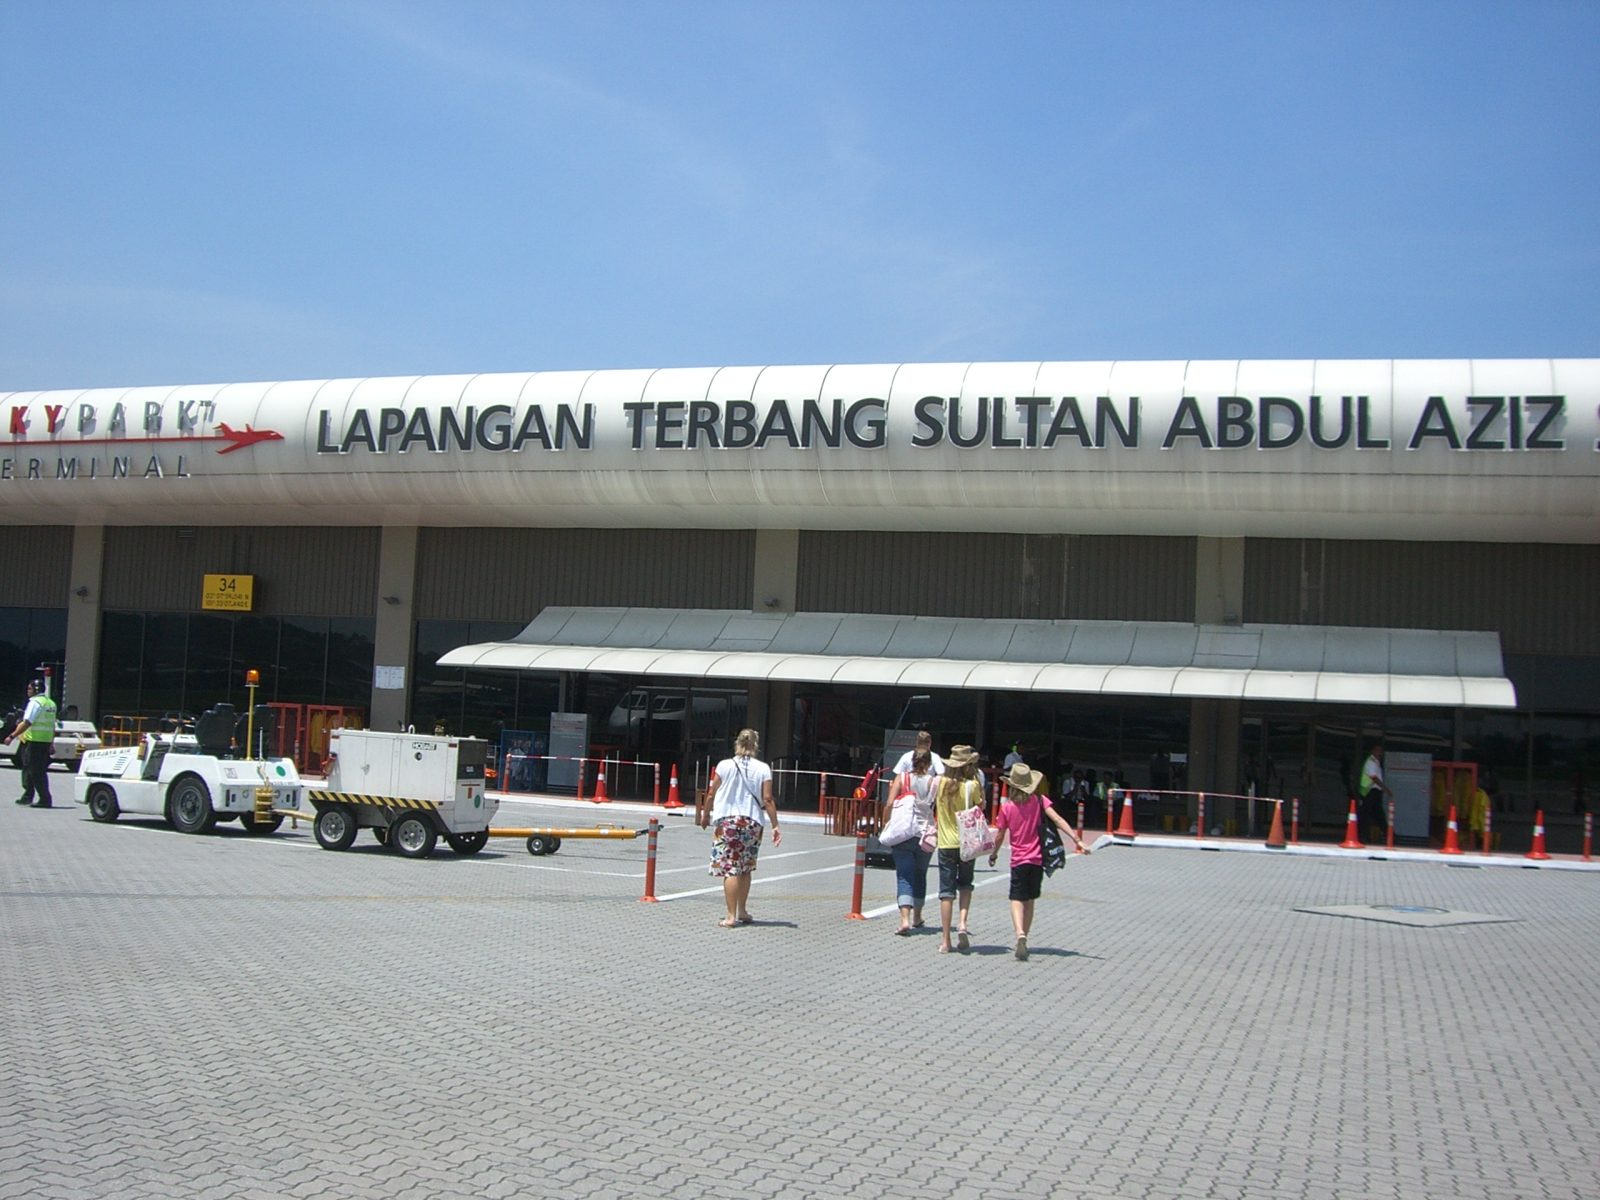 苏丹阿都阿兹沙机场